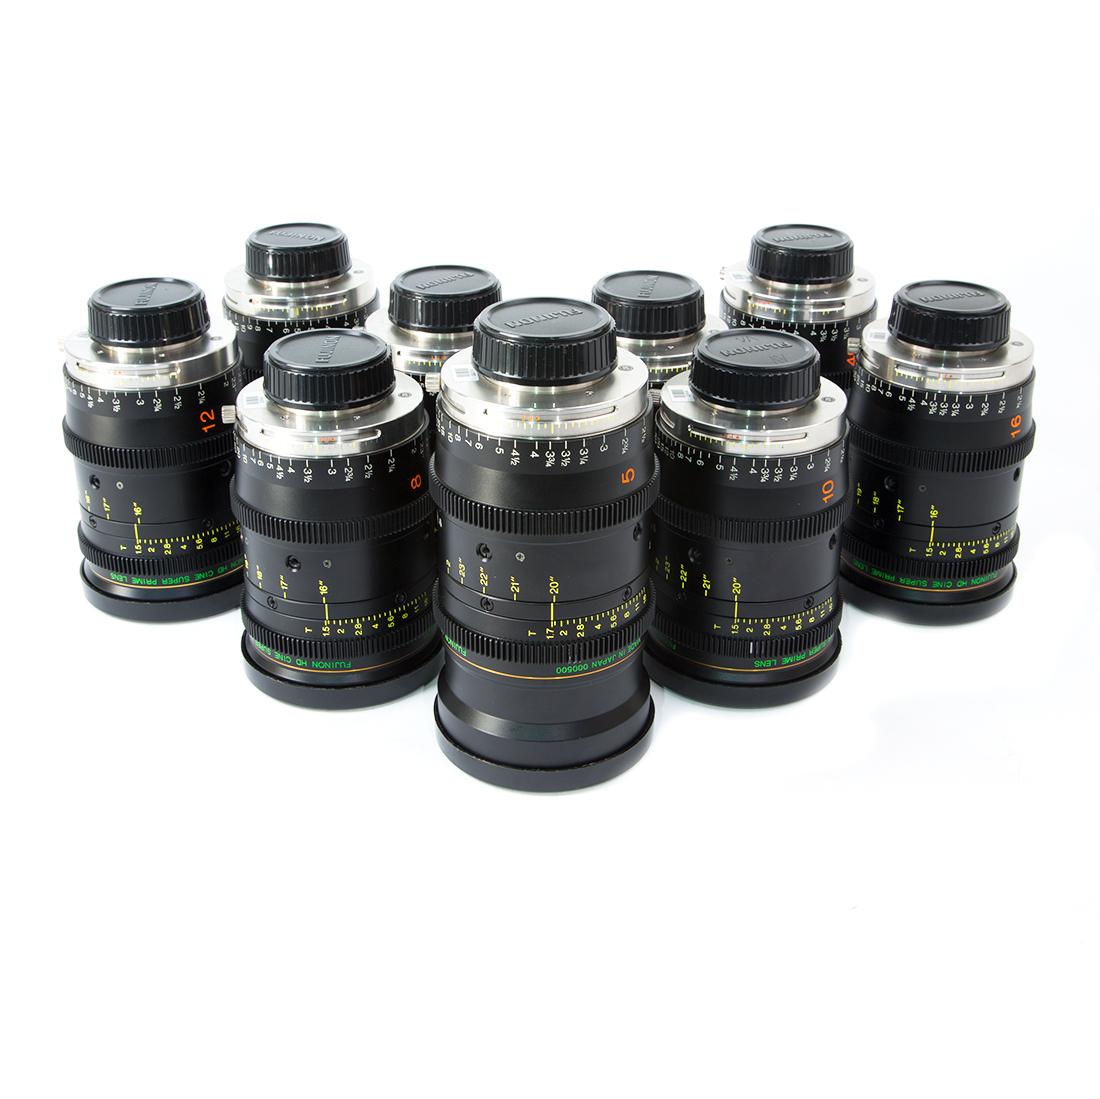 Fujinon HD Cine Super Primes